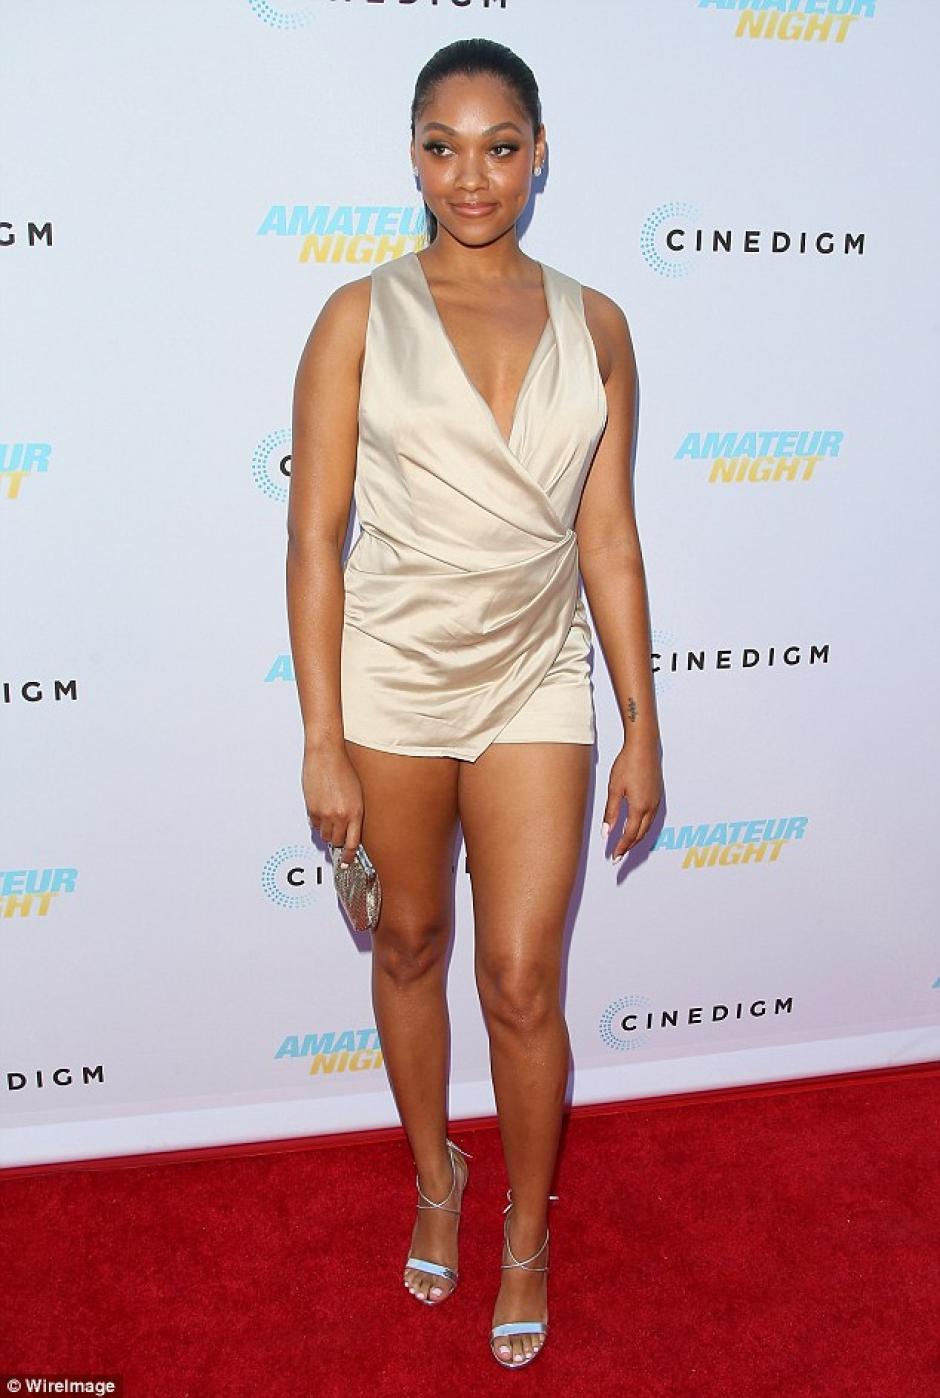 Bria lucía un vestido corto y fue el centro de atención de la prensa. (Foto: Dailymail)